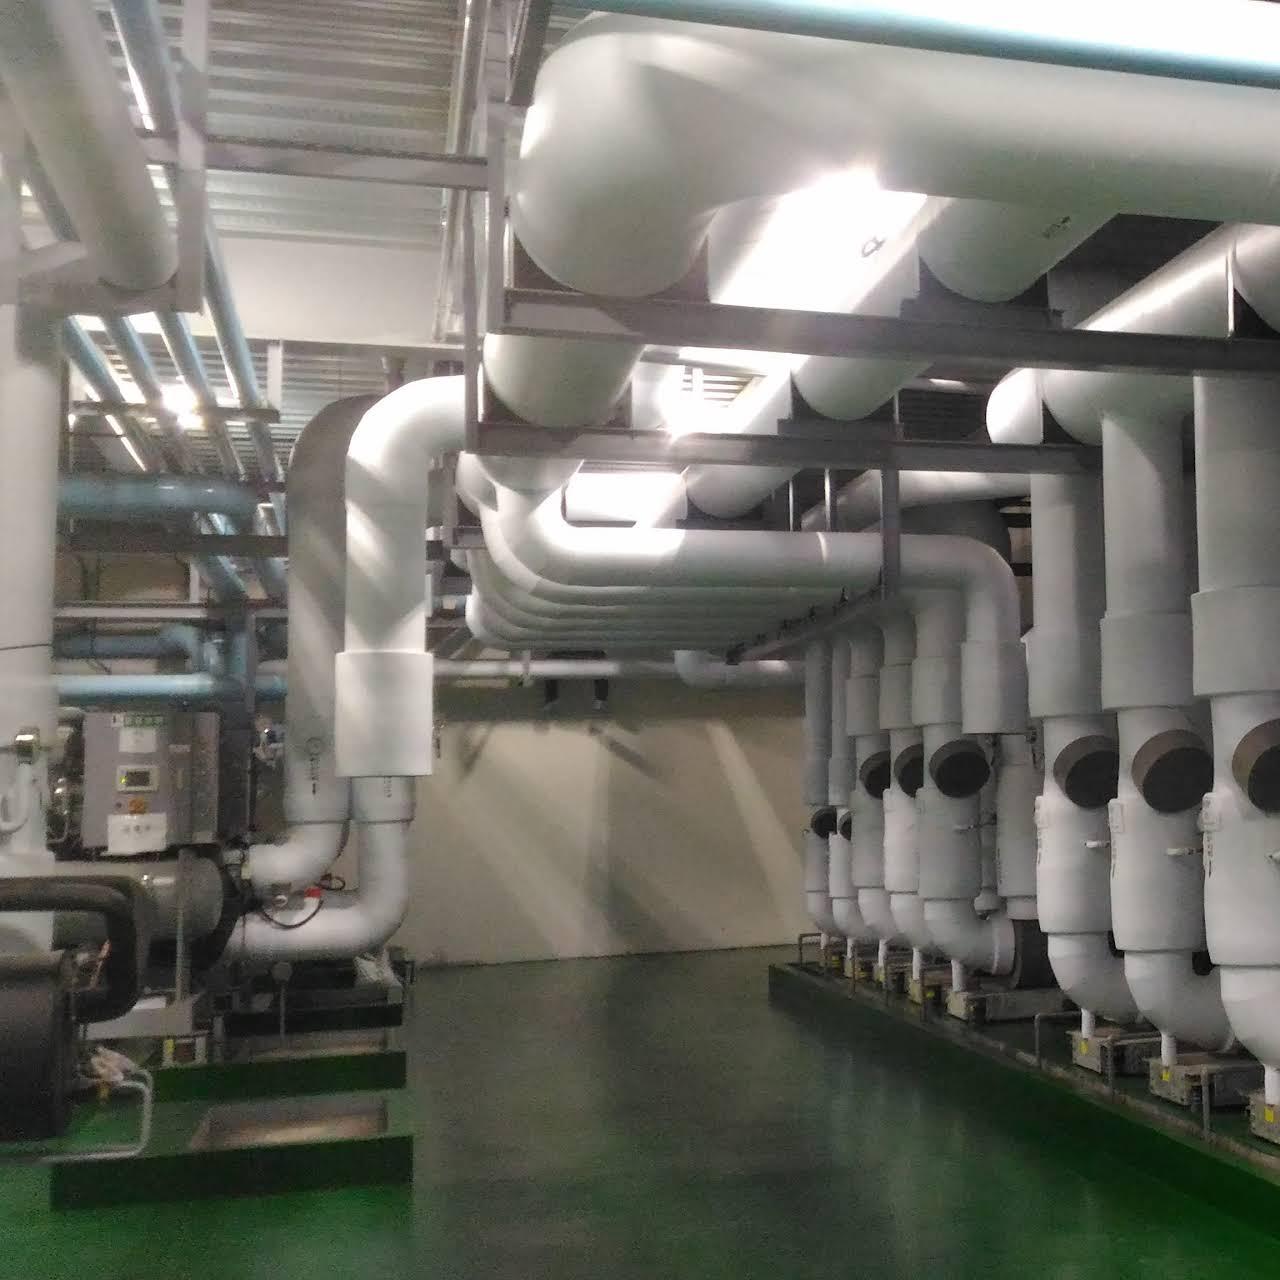 茂盛冷凍空調工程行 - 冷凍與空調工程. 配管. 配電. 空調設備維護